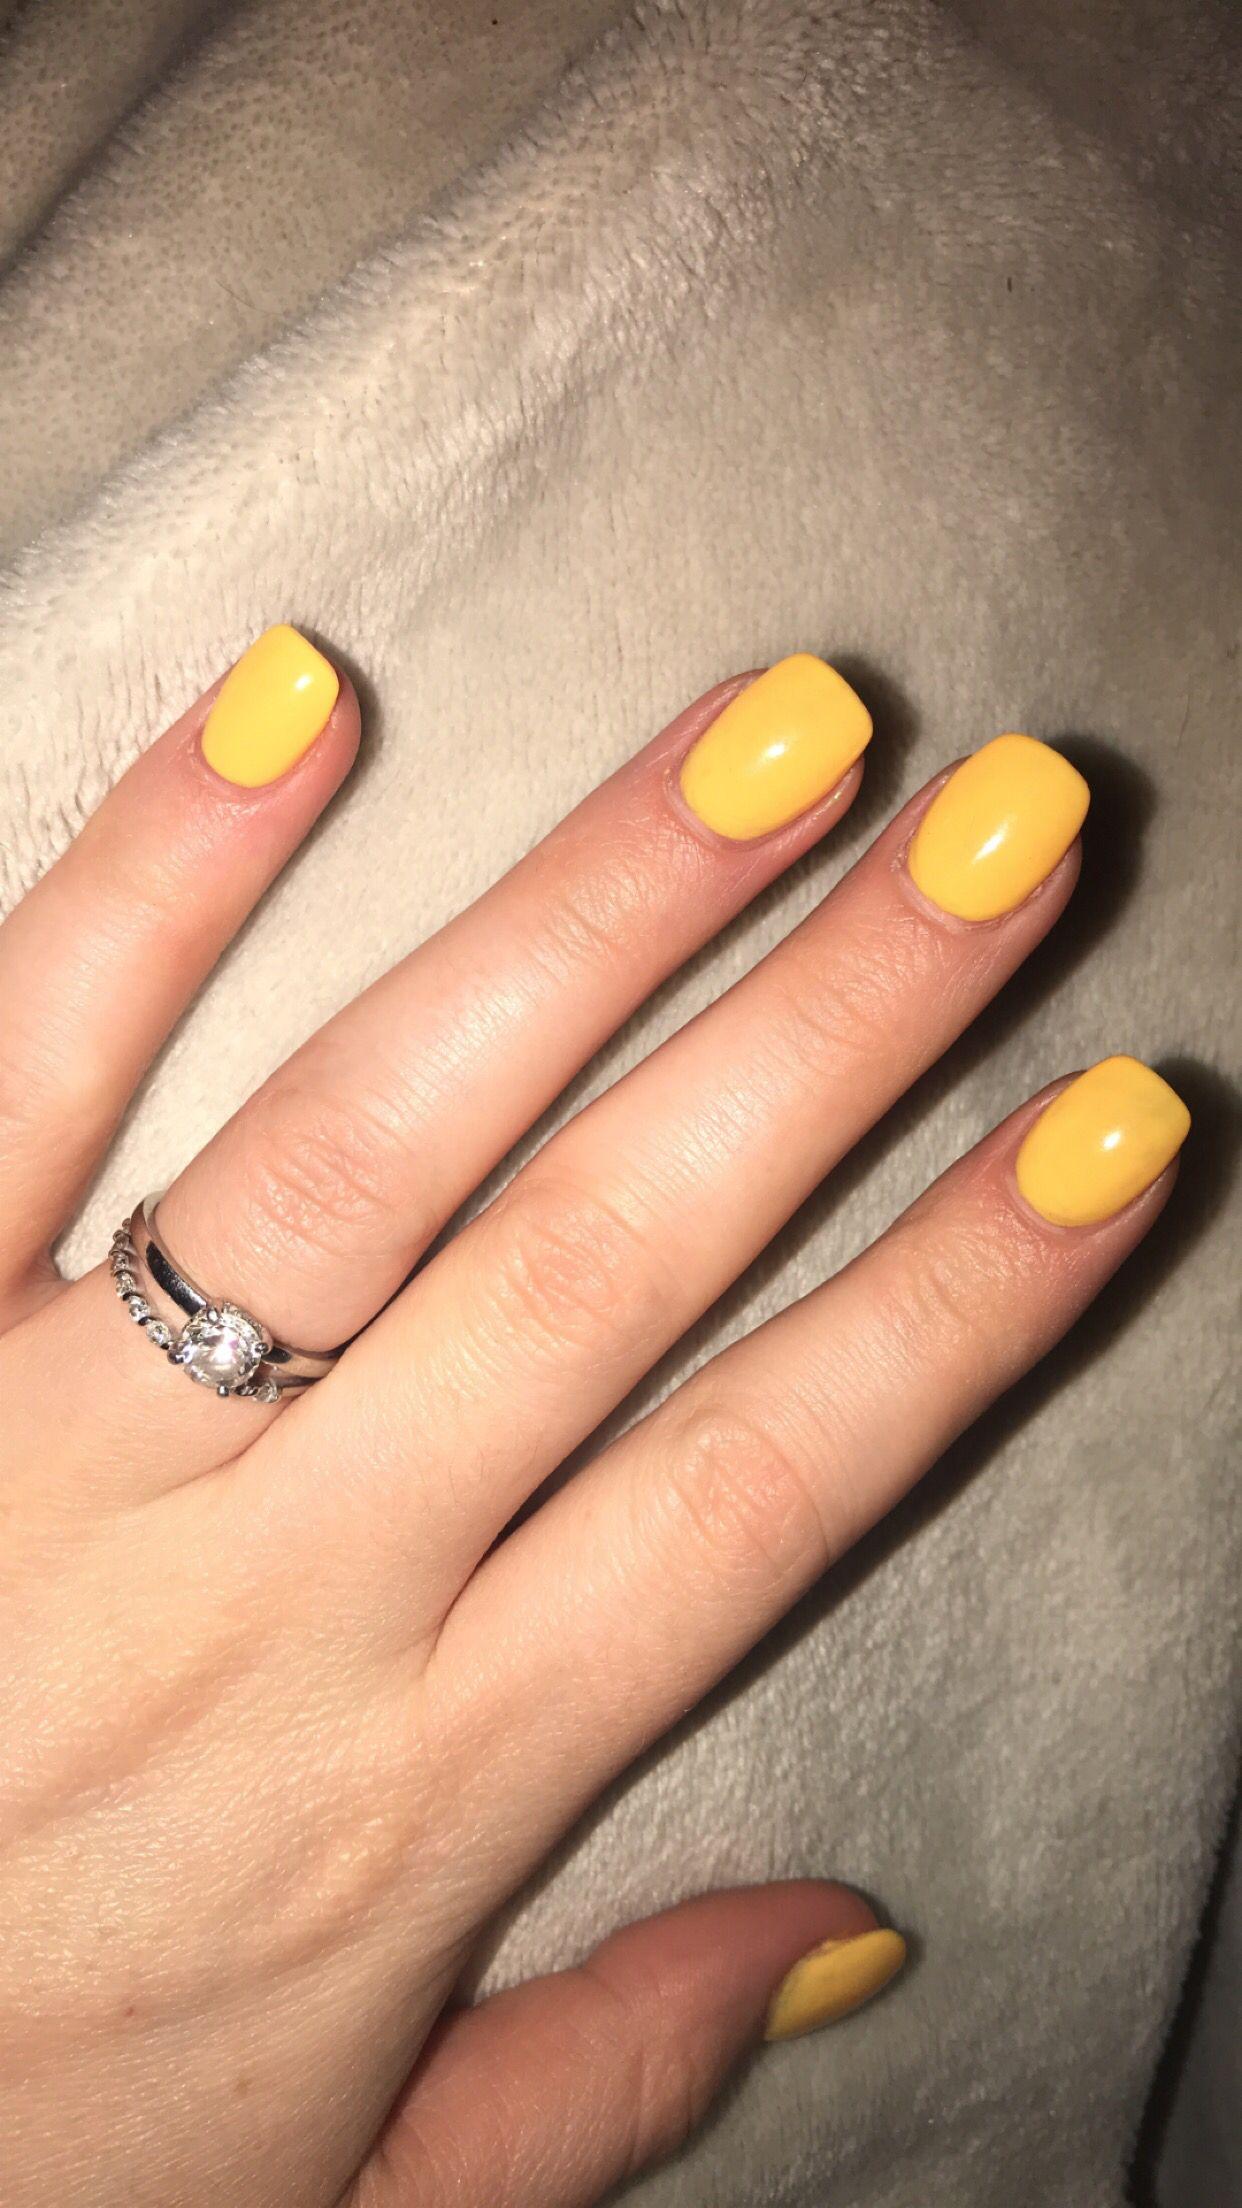 Yellow Nails Rounded Acrylic Nails Yellow Nail Art Square Acrylic Nails